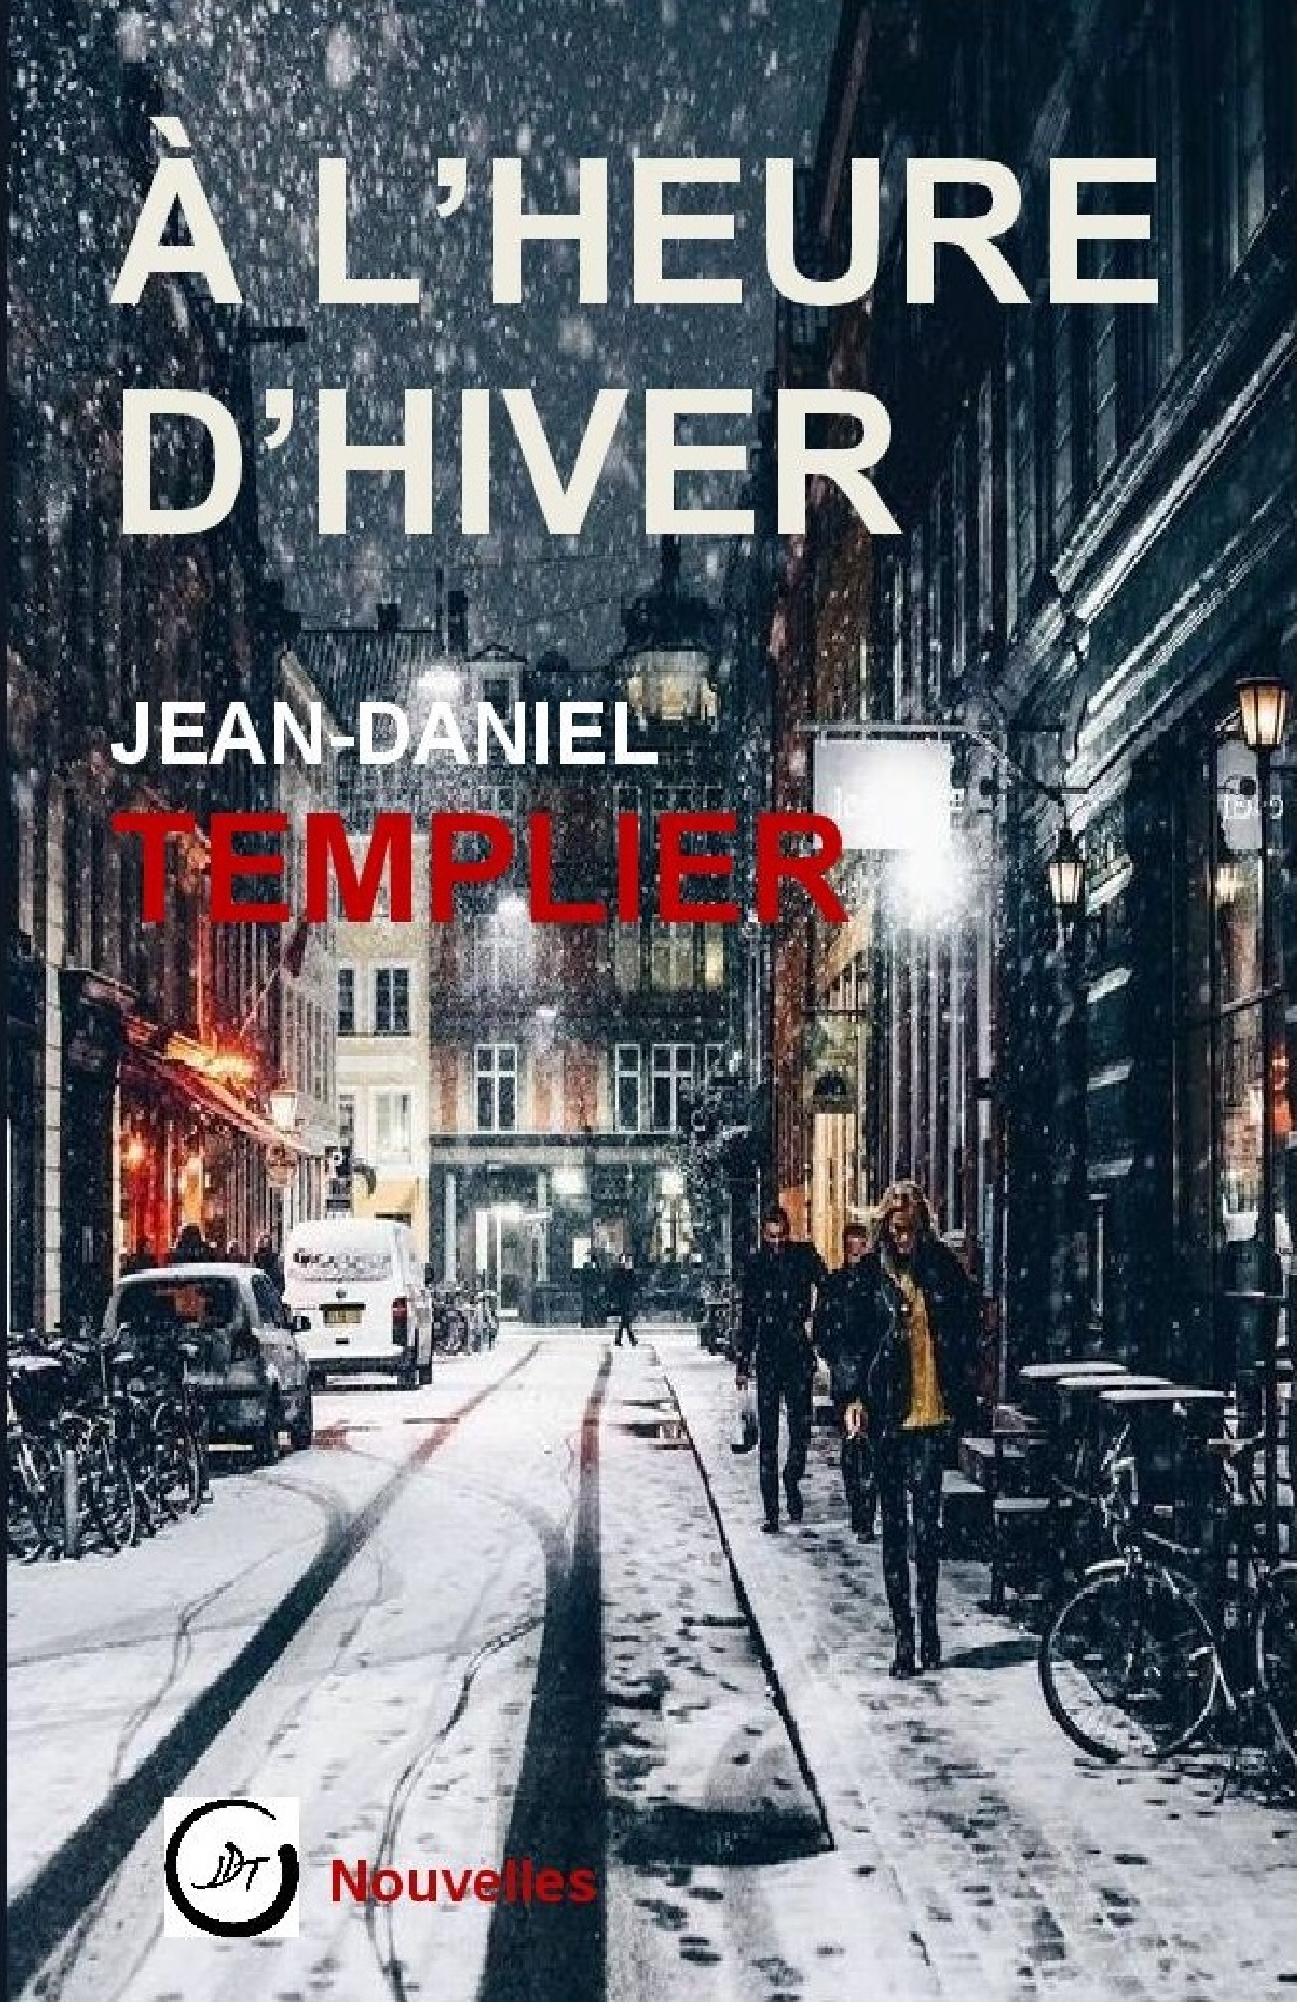 A L'HEURE D'HIVER